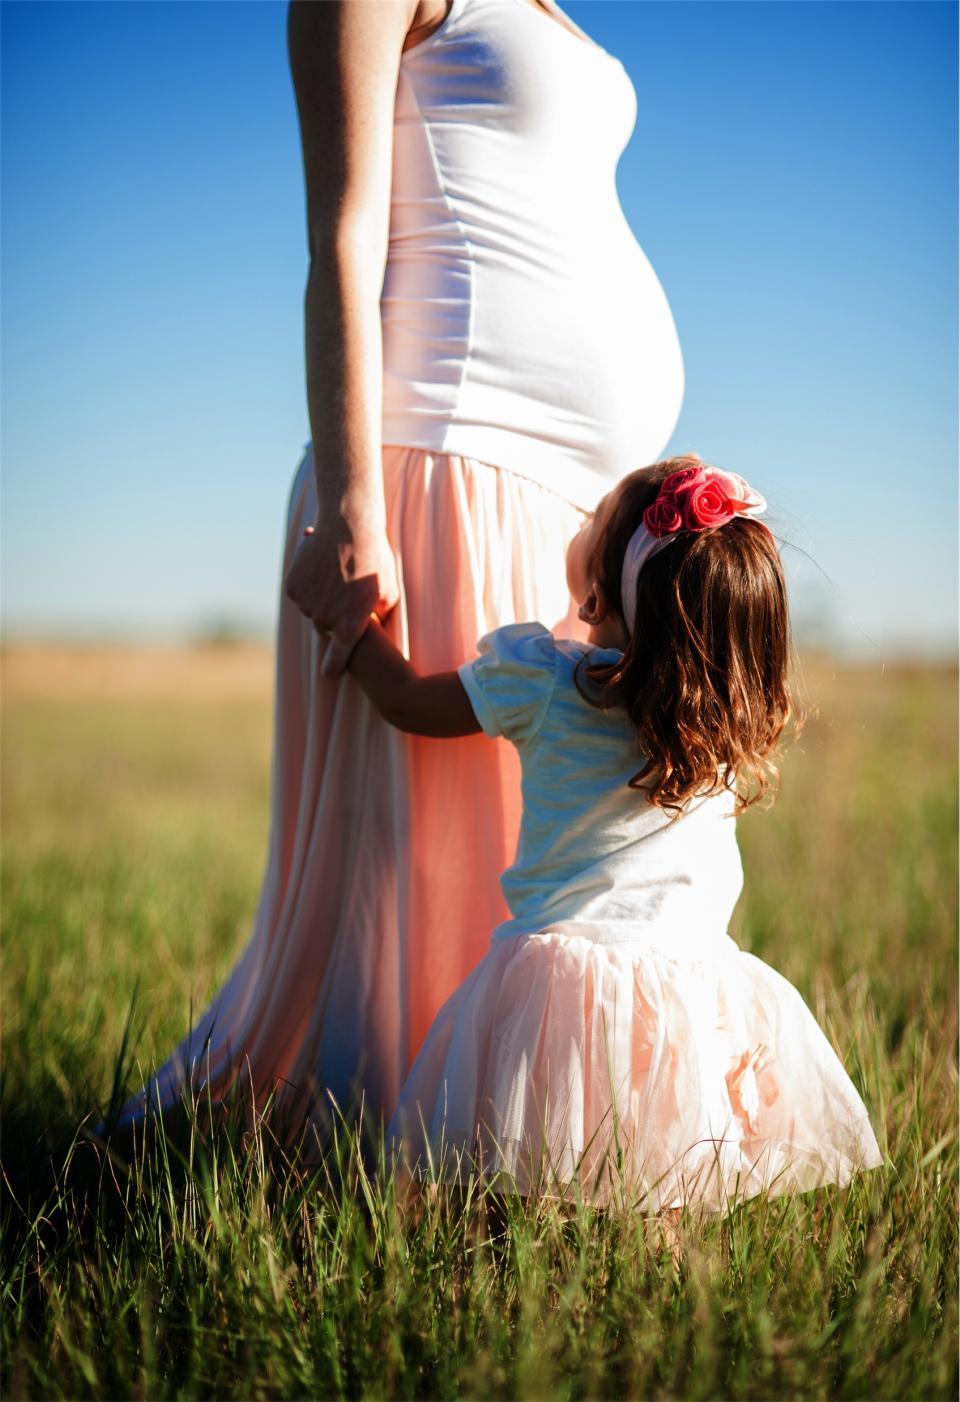 Zwangere vrouwen moeten niet teveel staan